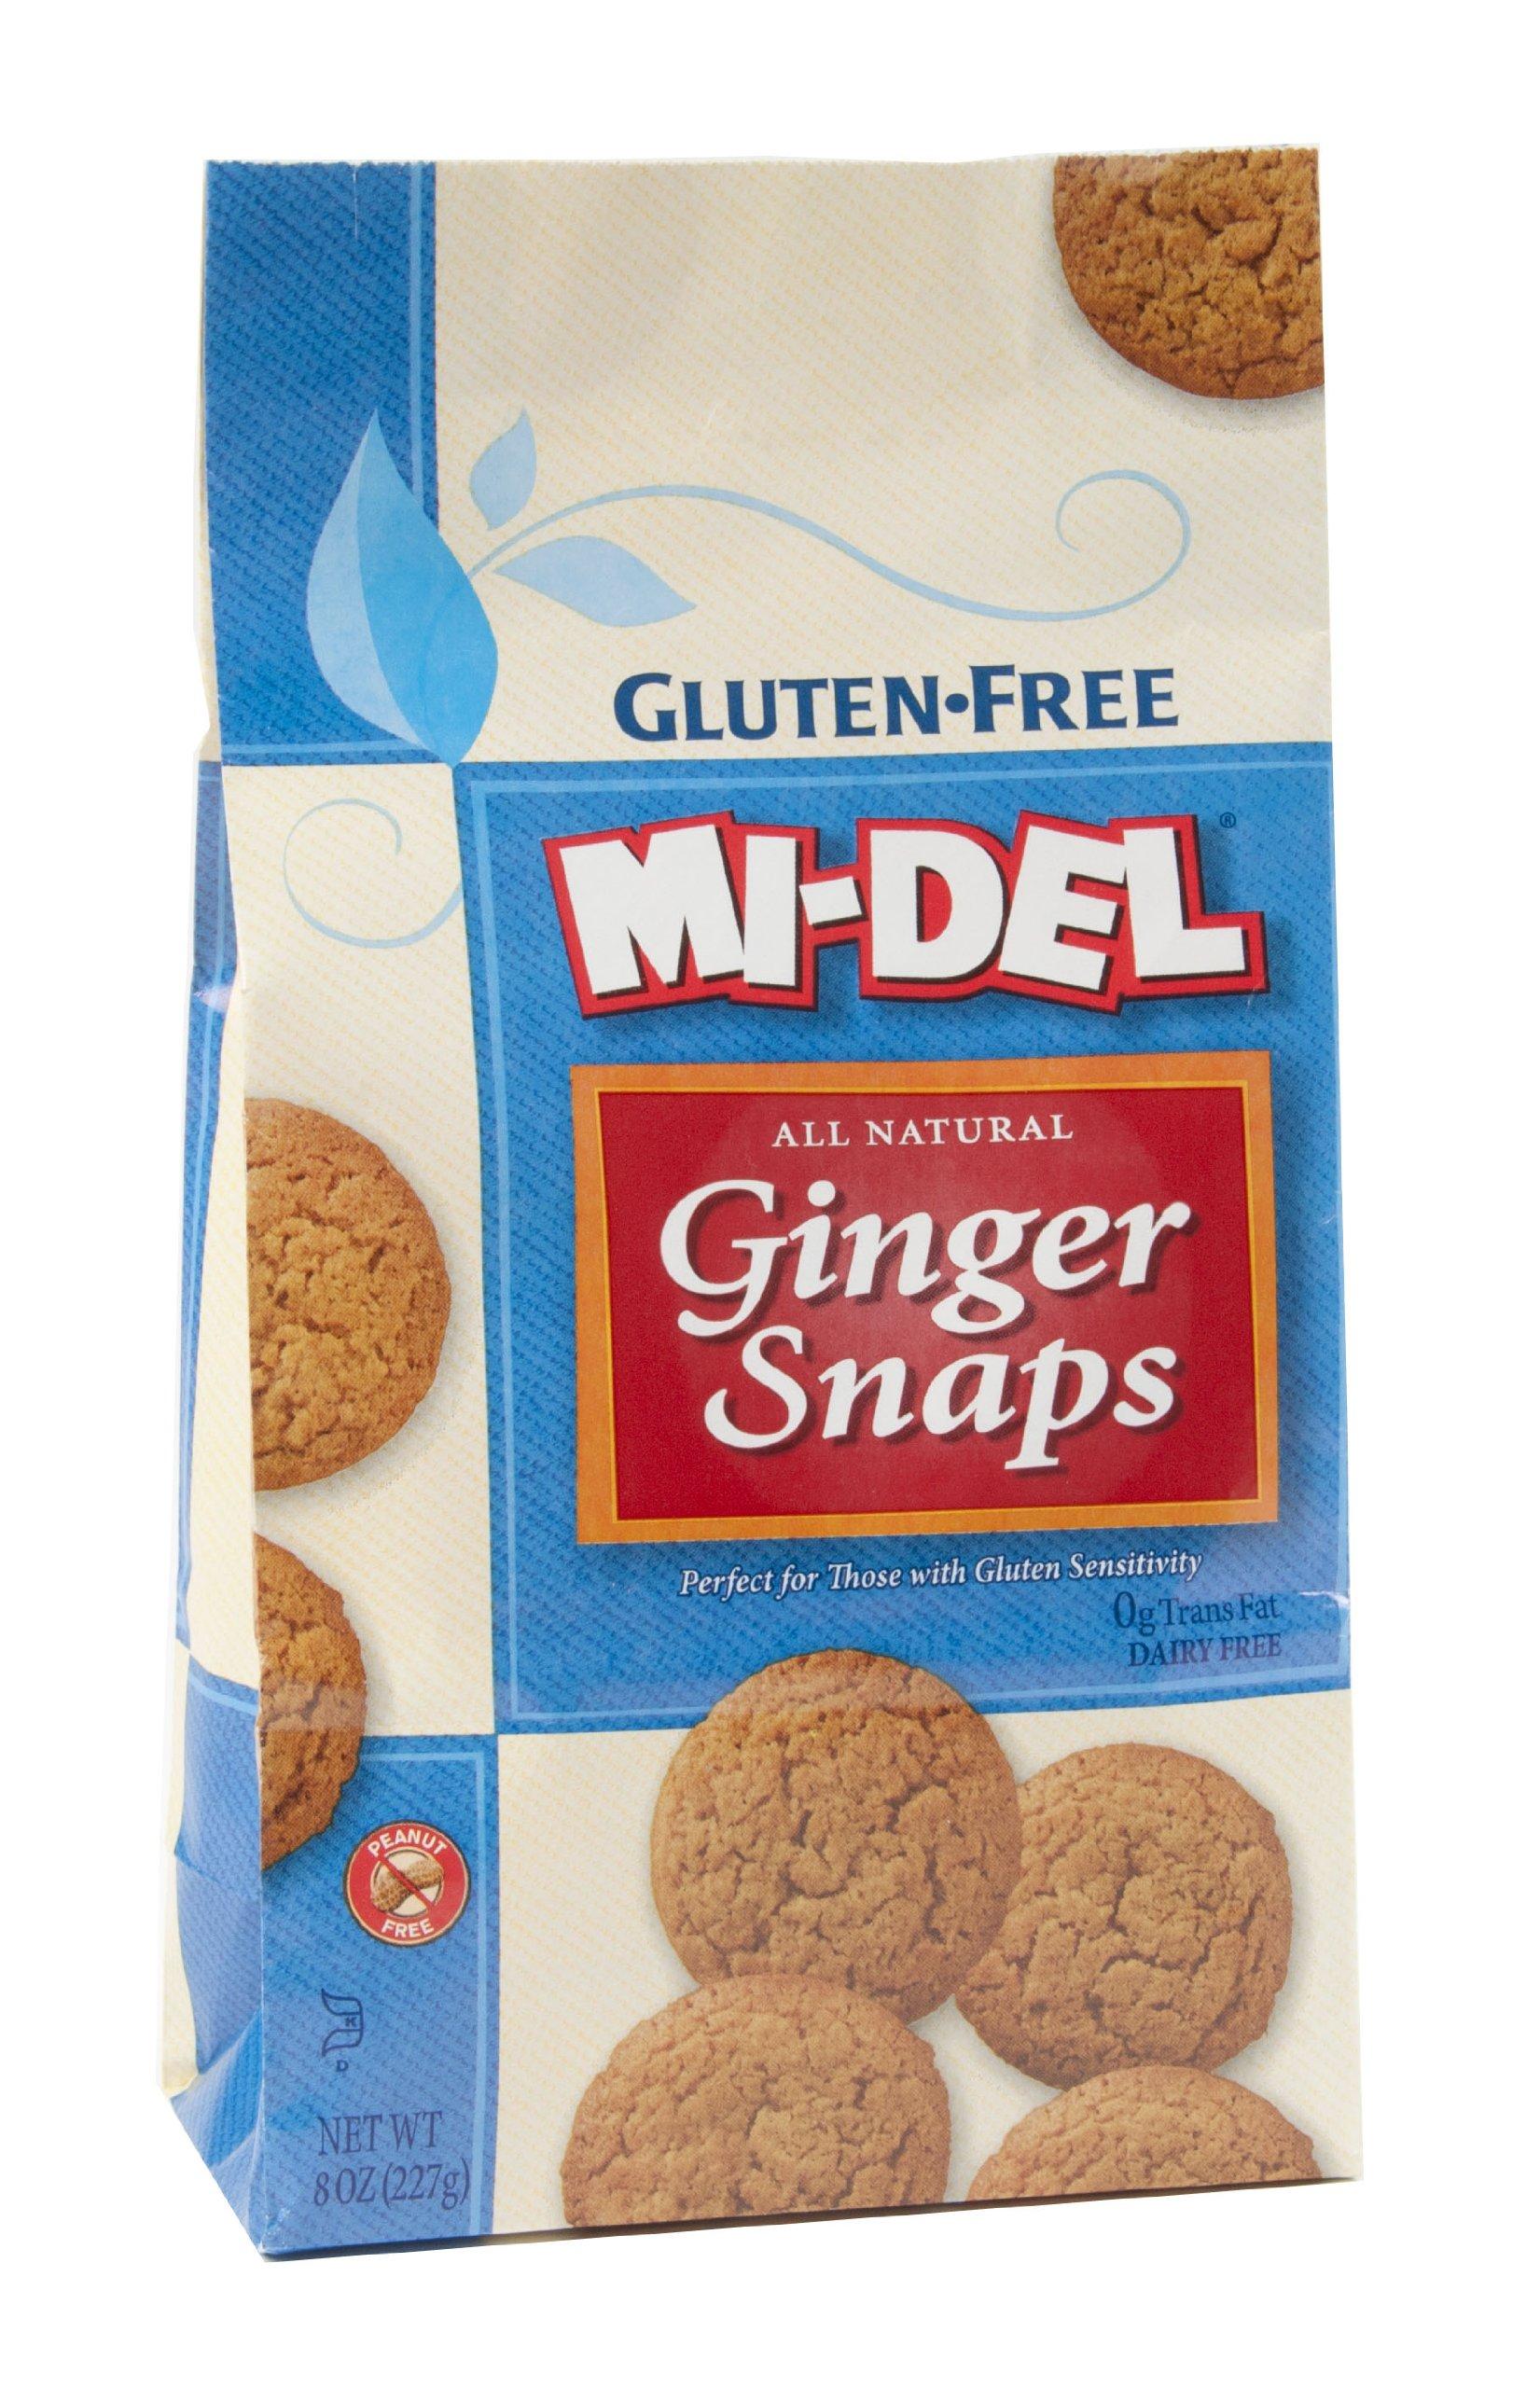 Midel Ginger Snaps Gluten Free 8 Oz (Pack of 12)